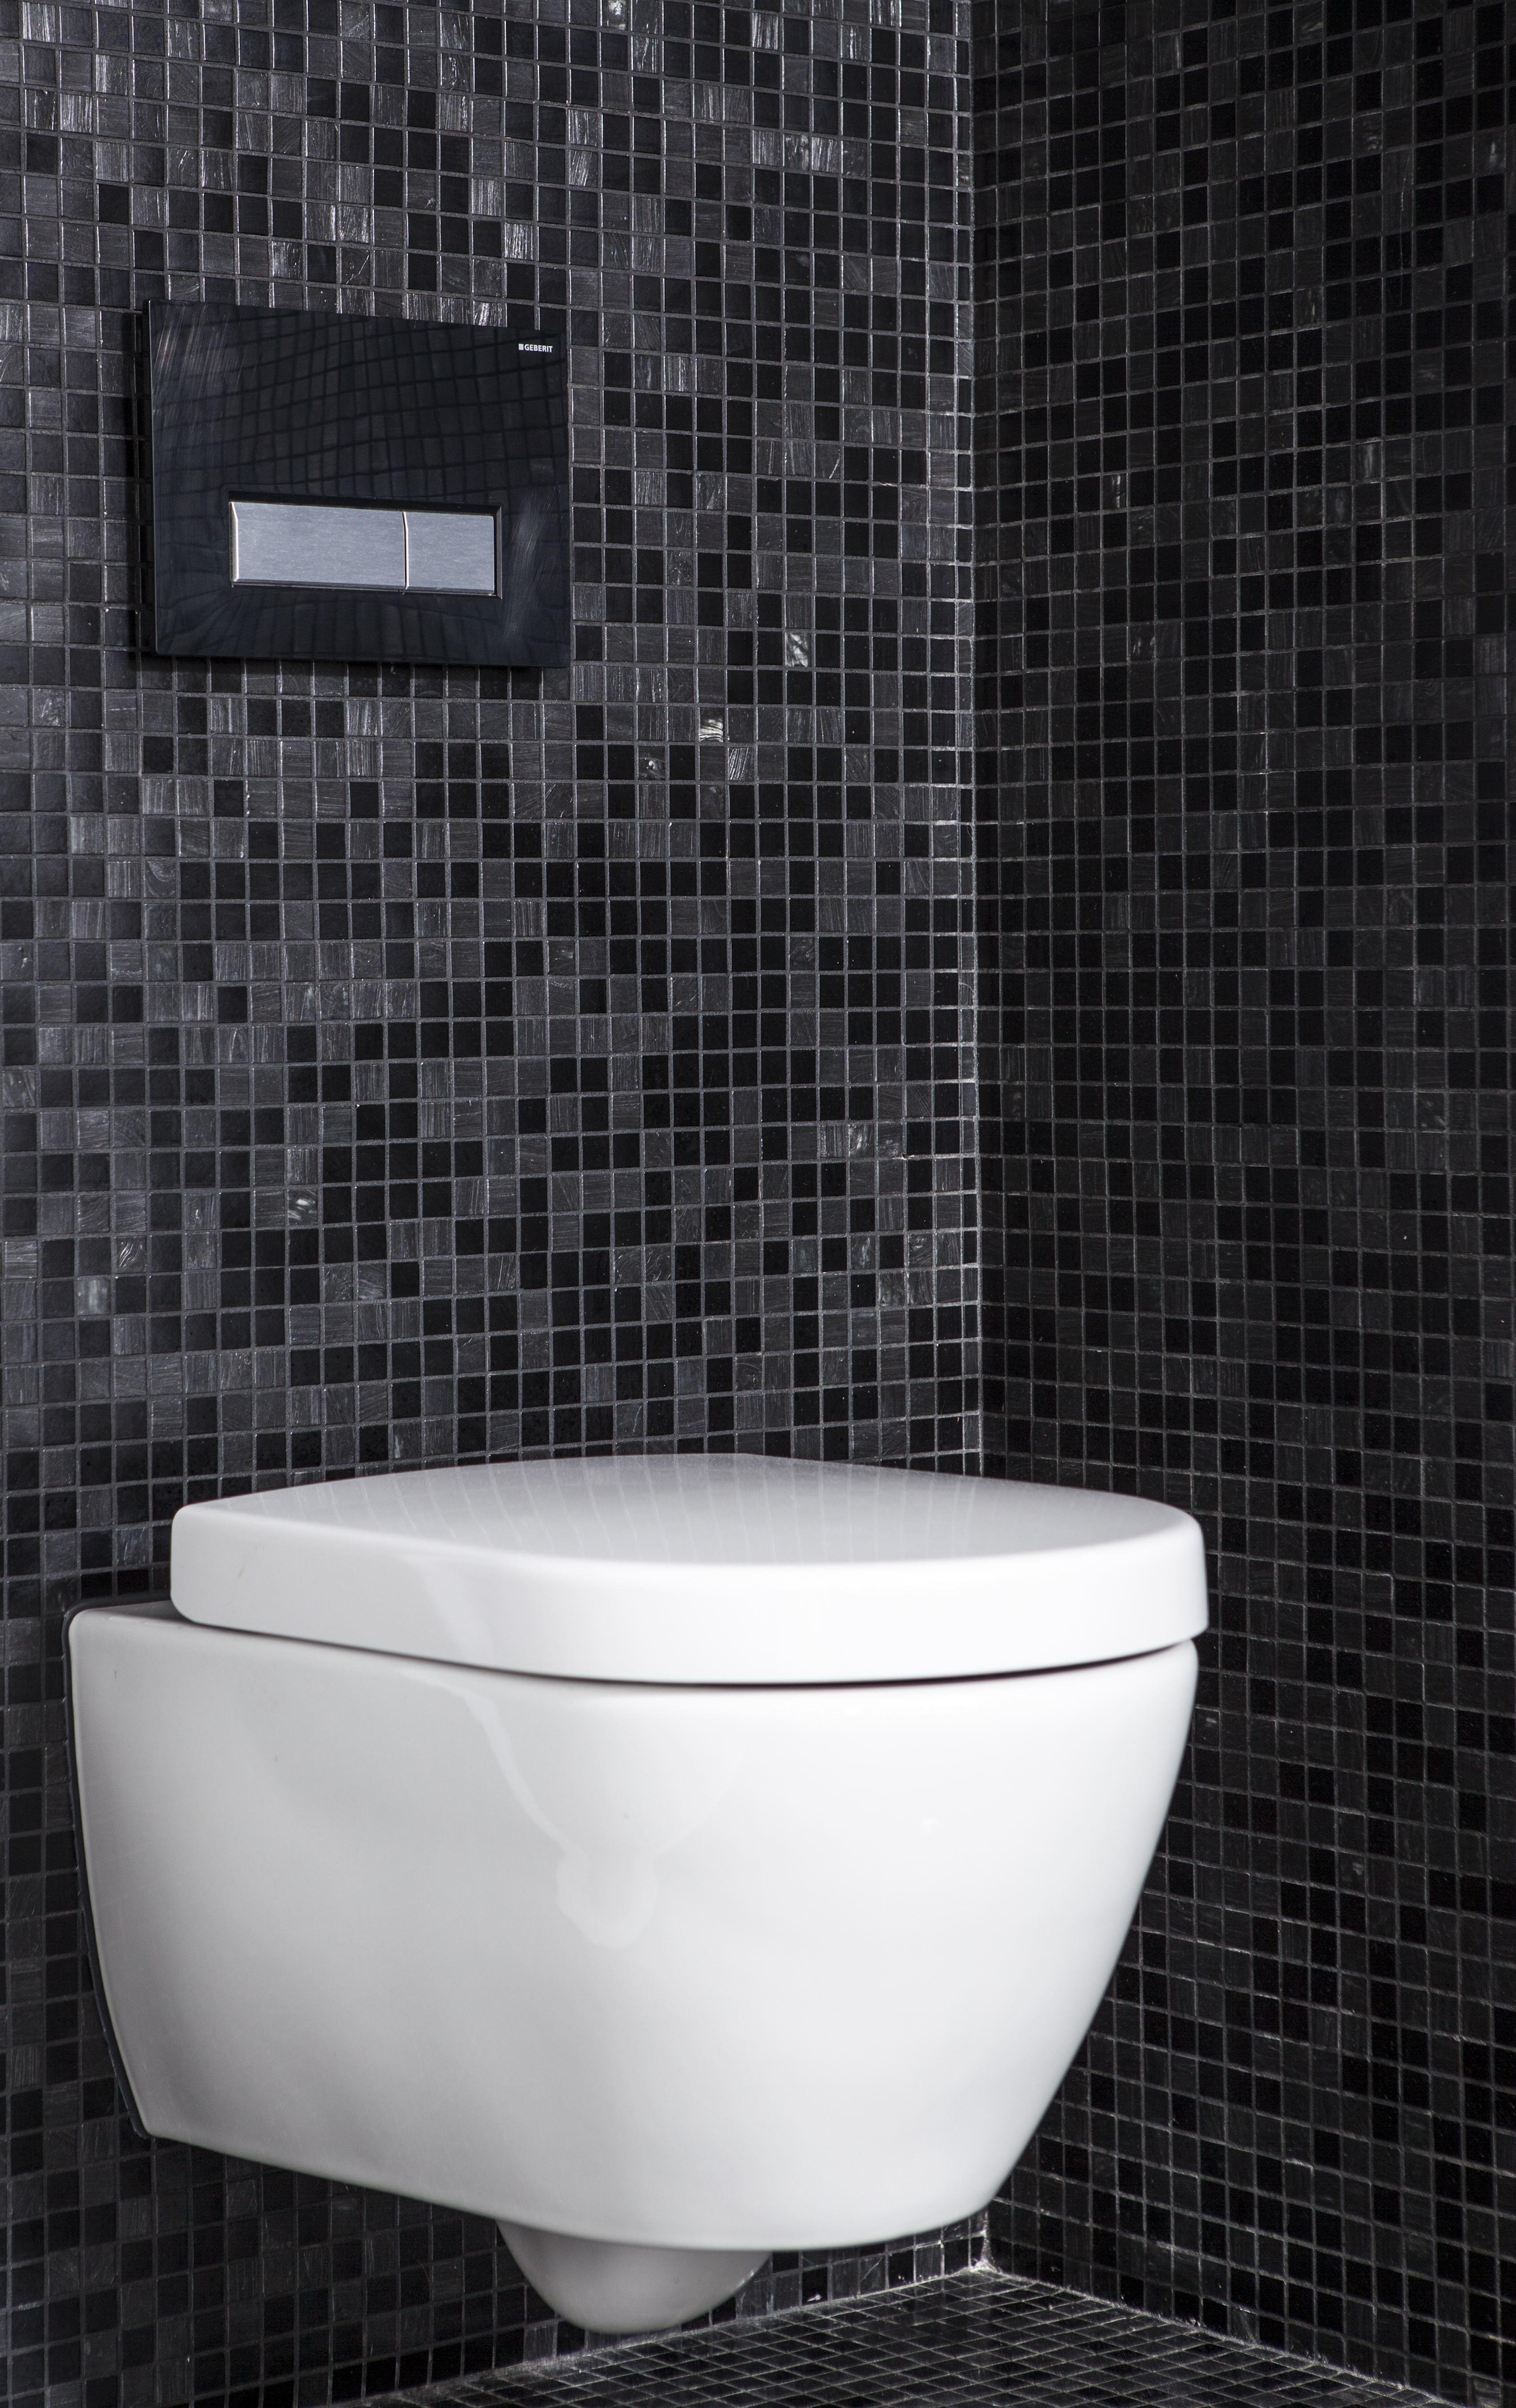 spreekt dit hangtoilet in deze badkamer u aan dit toilet heeft